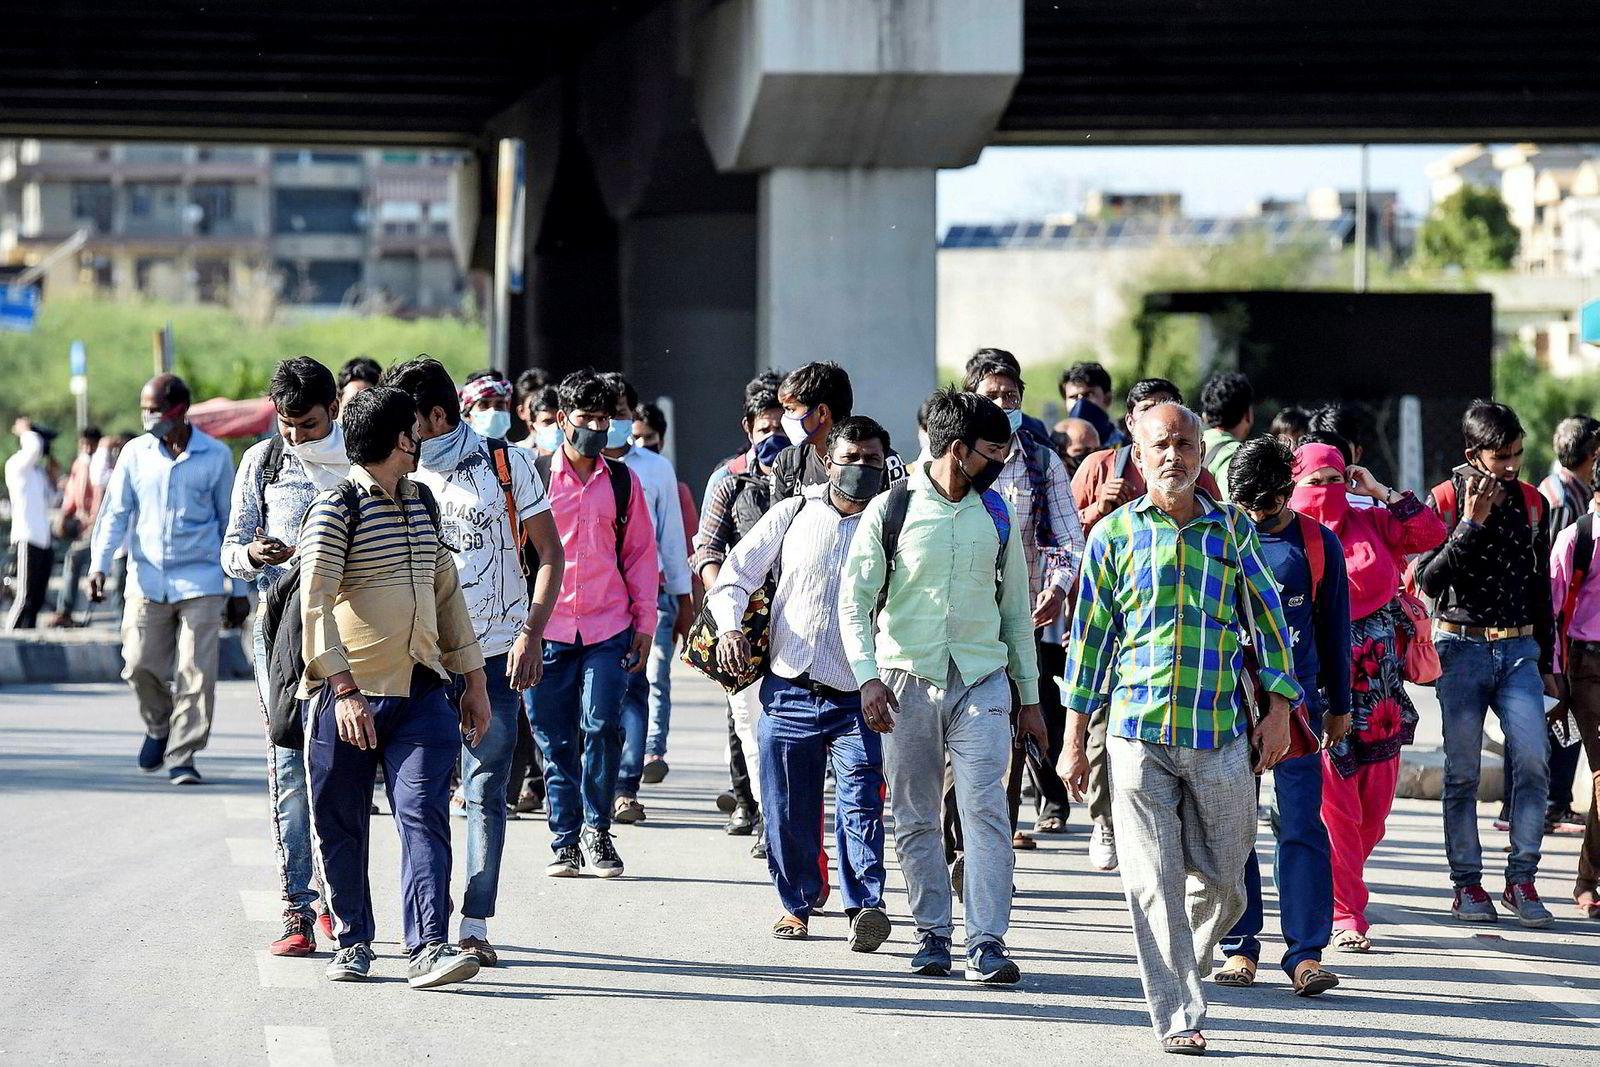 Tusener av mennesker, både unge menn og hele familier, tok bena fatt etter at myndighetene kunngjorde en 21 dager lang nedstengning for å bremse koronaviruset. Her fra New Delhi fredag. Millioner av mennesker, blant dem bygningsarbeidere, hushjelper, taxisjåfører og andre i uformell sektor, mistet med øyeblikkelig virkning all inntekt da indiske myndigheter denne uken stengte ned store deler av landet.